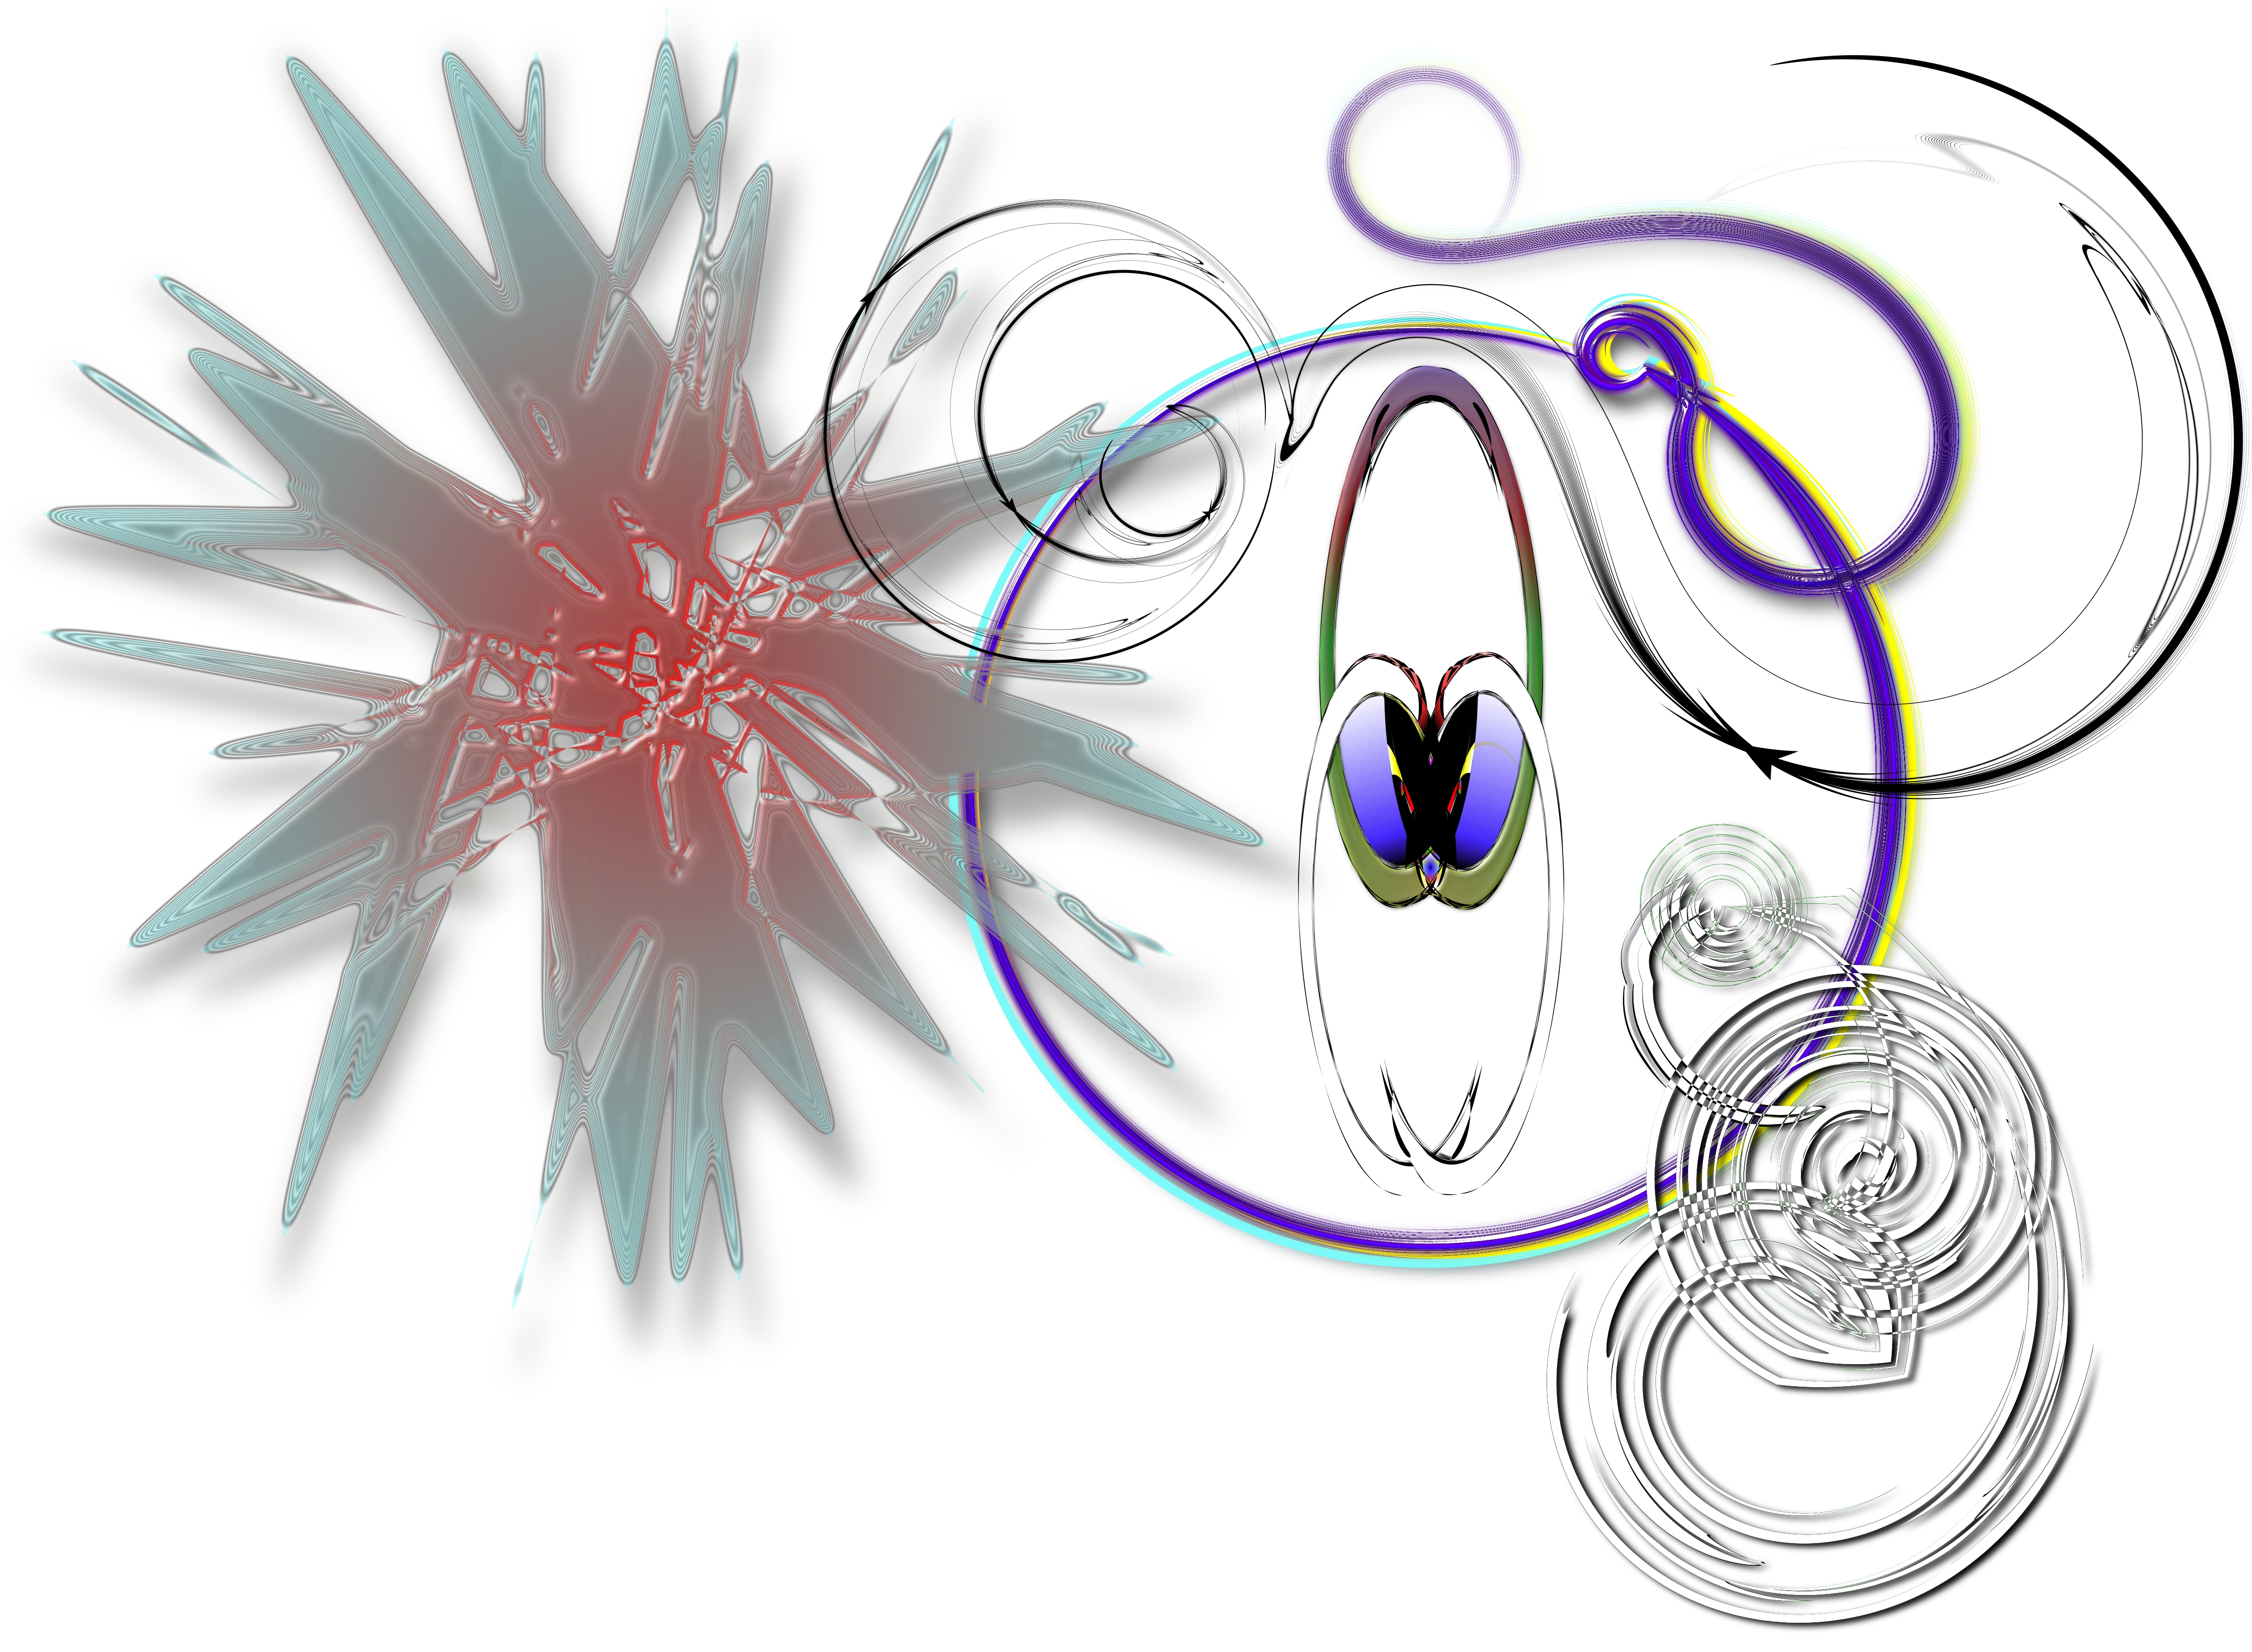 Amok Polymorphe-211217